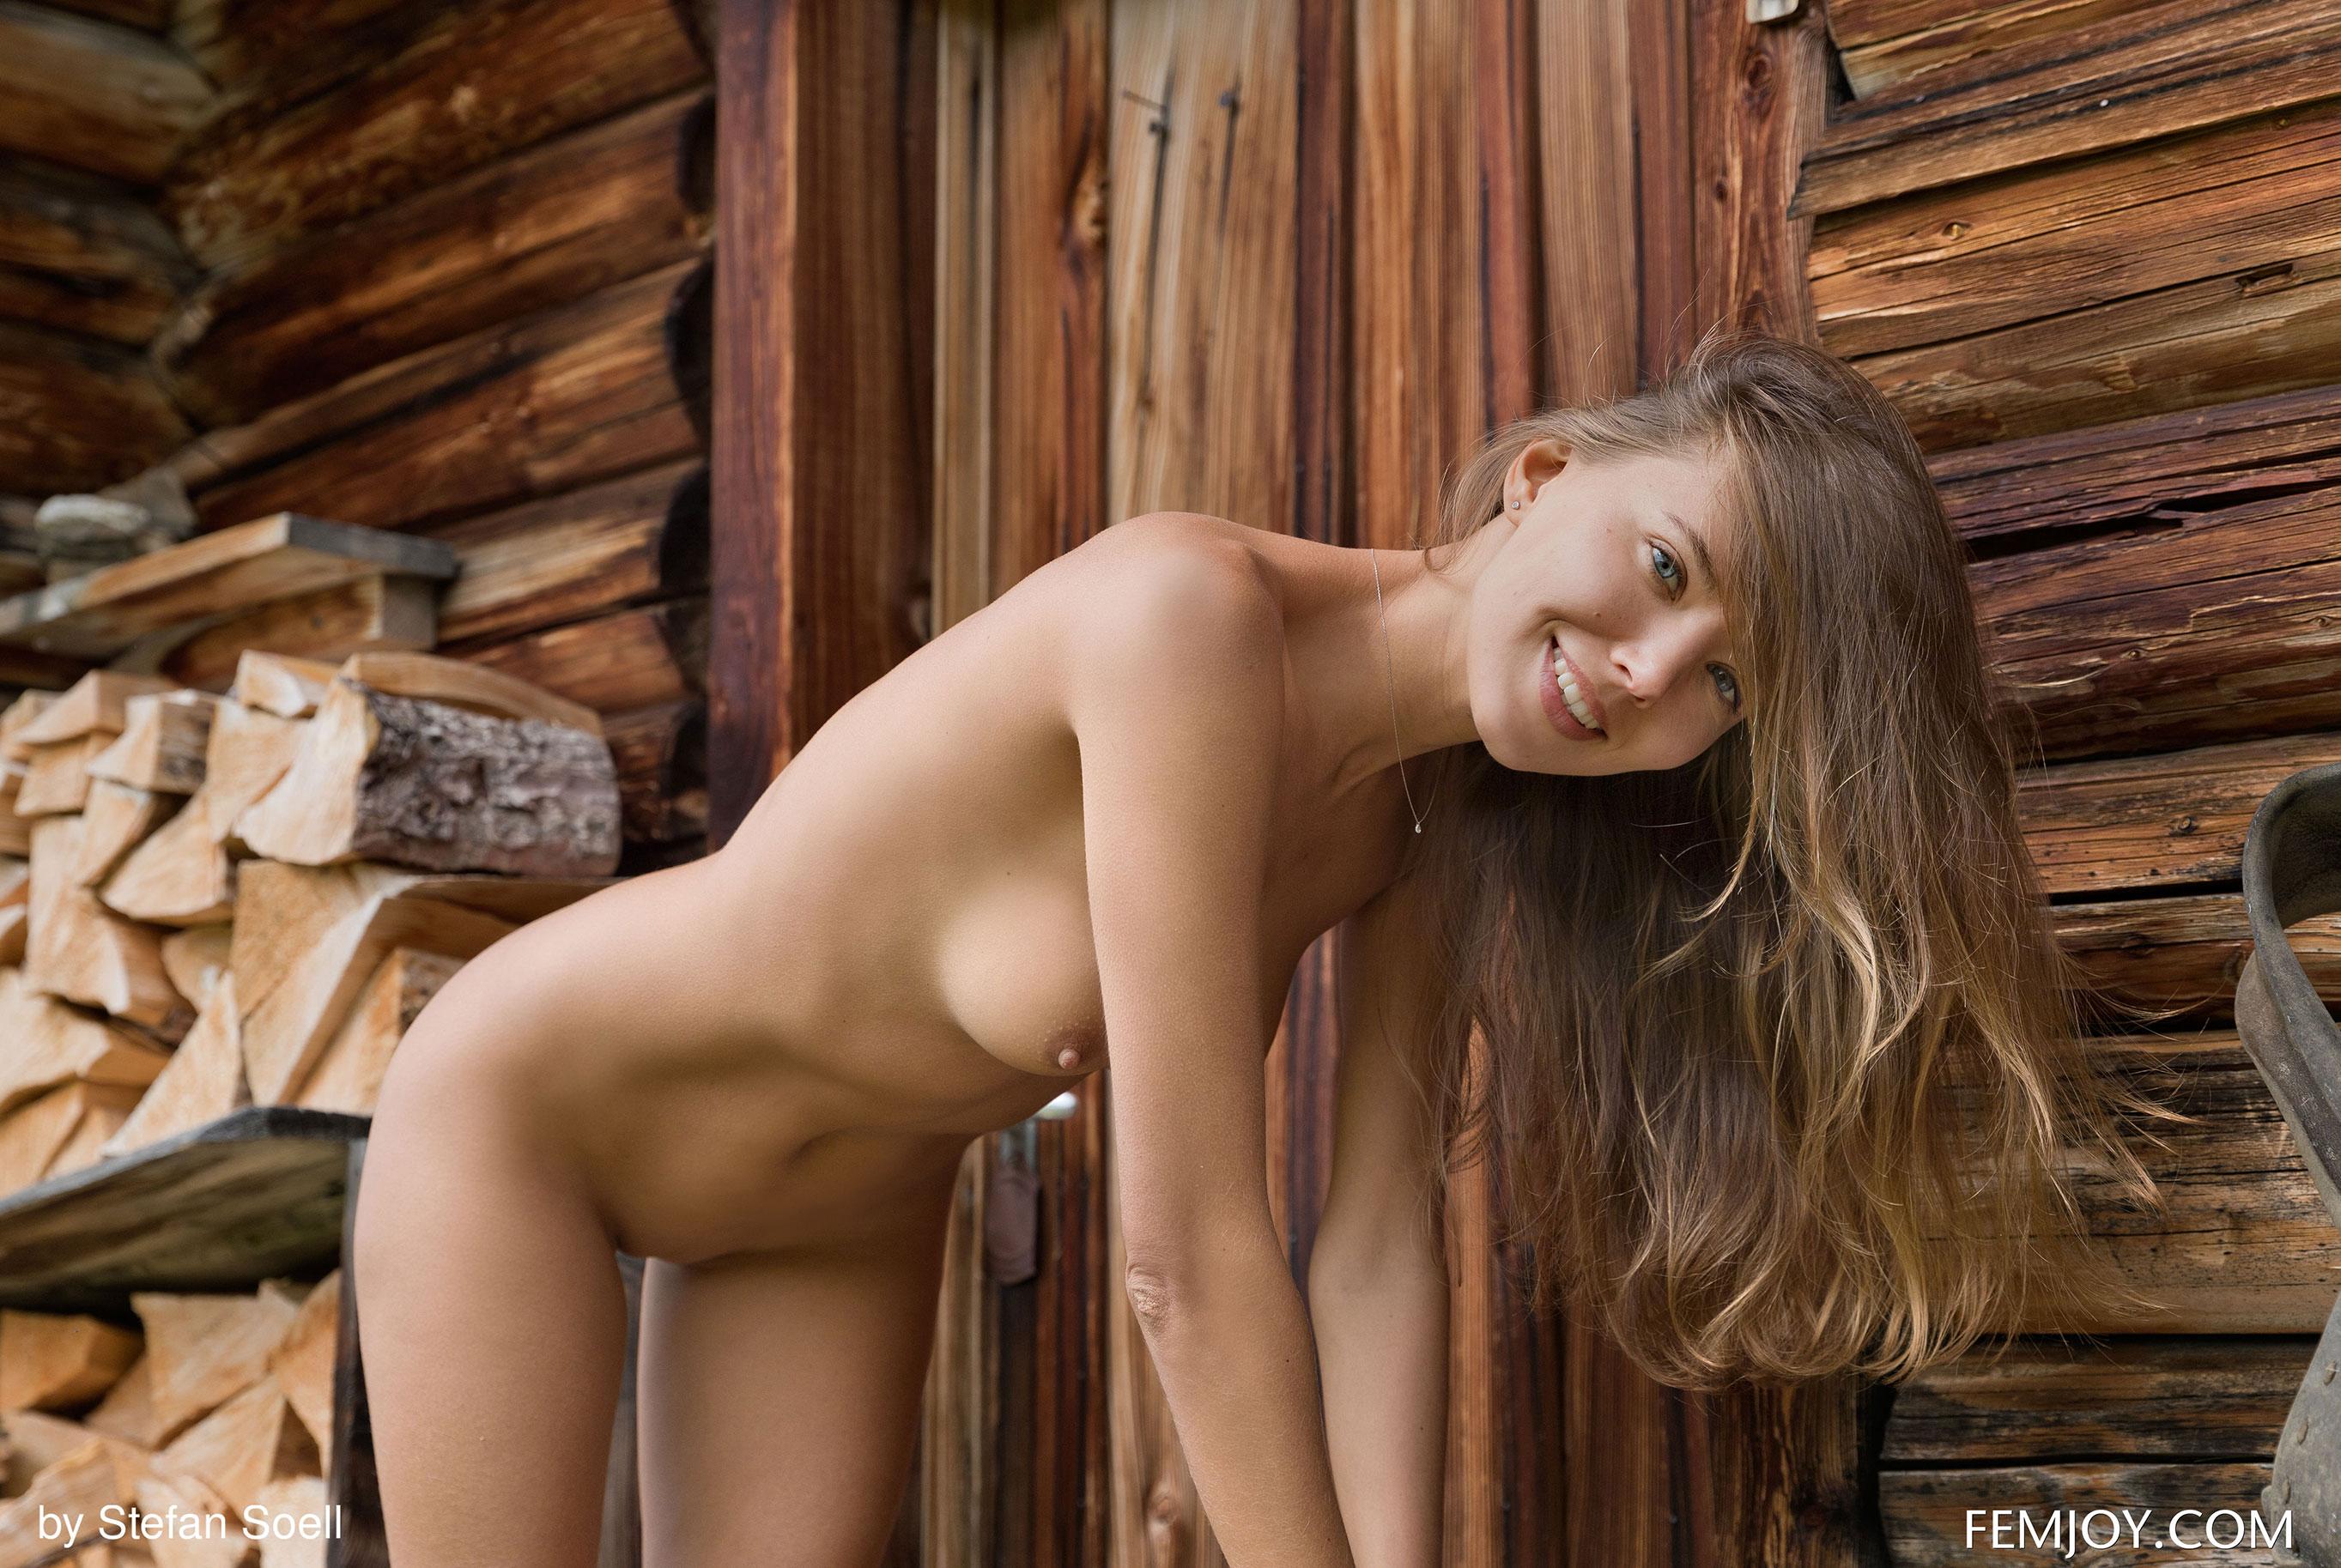 Сексуальная Катя - голая и одинокая в избушке на склоне Альпийских гор / фото 20